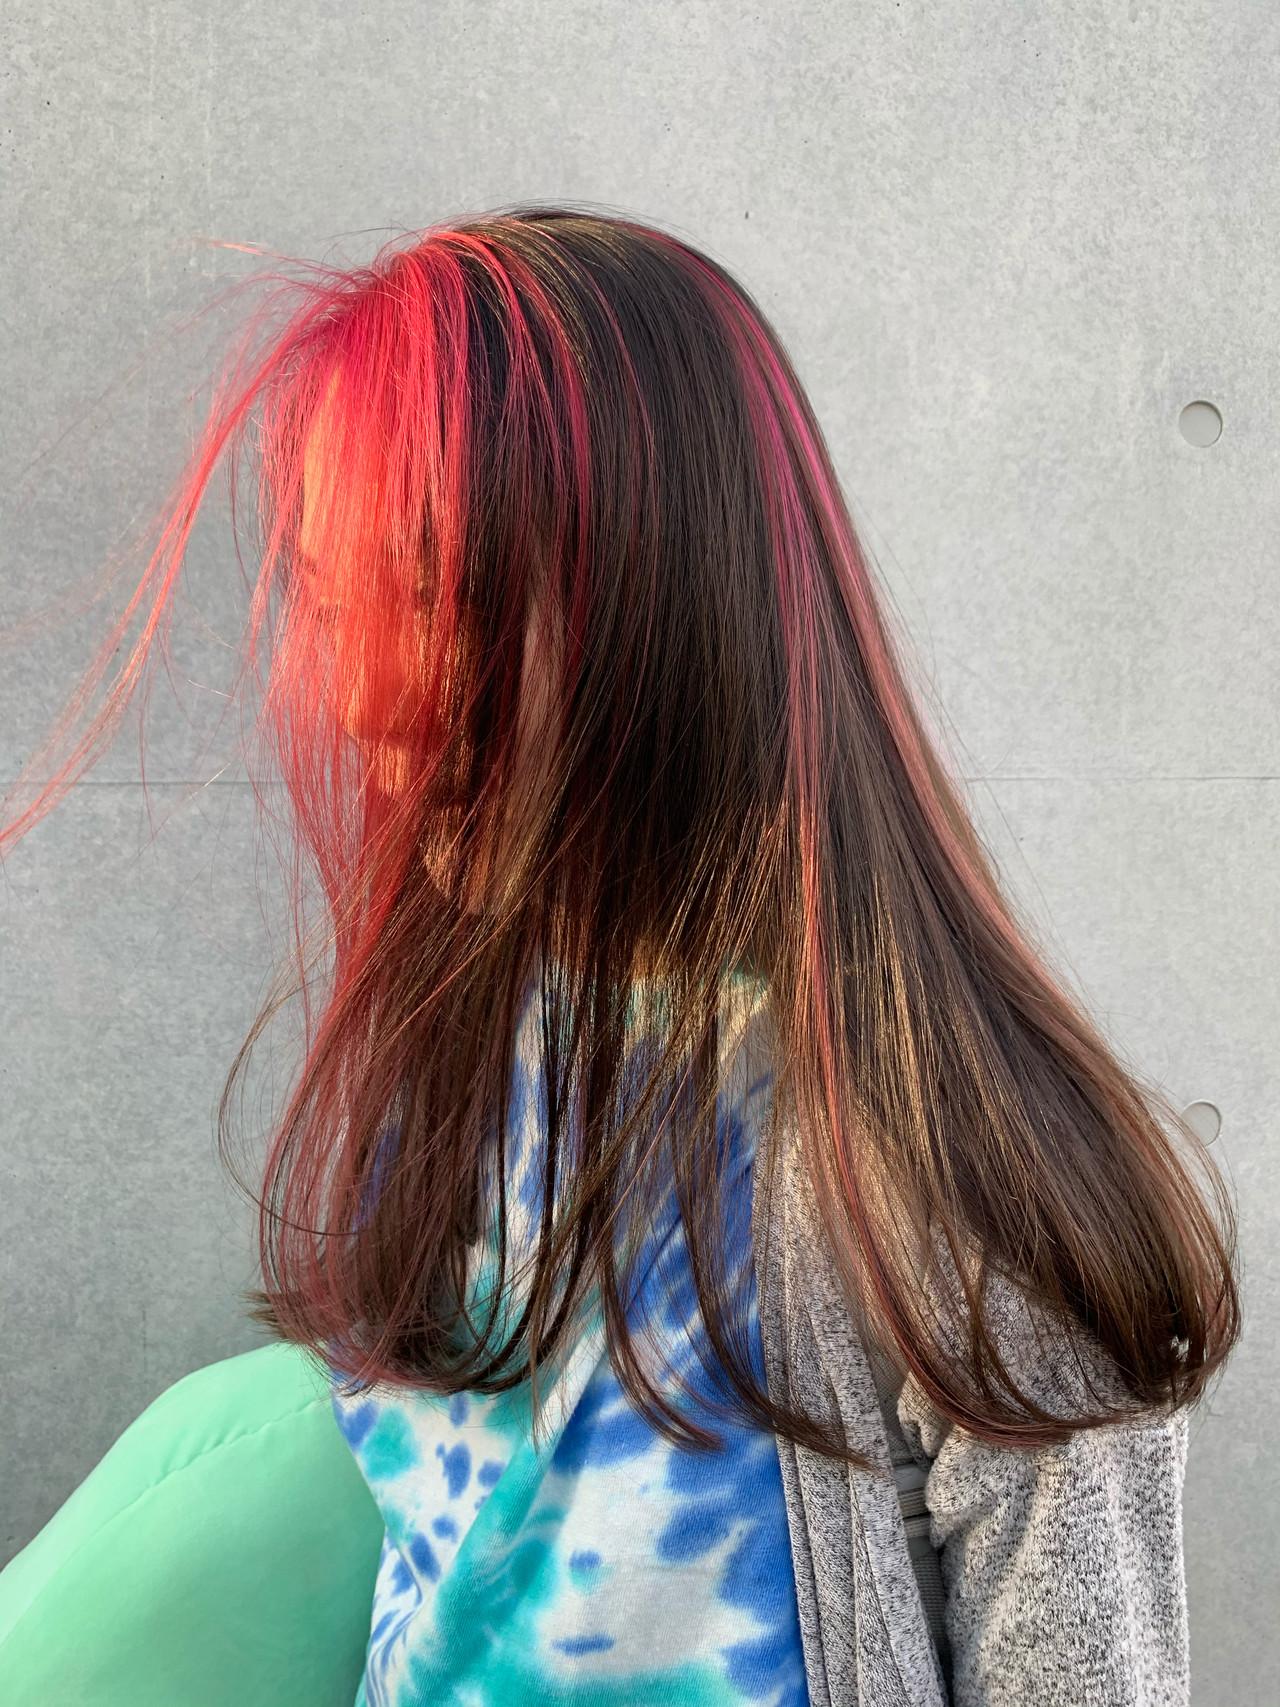 ピンク インナーカラー セミロング ハイライト ヘアスタイルや髪型の写真・画像 | 相場堅弥 / edge.